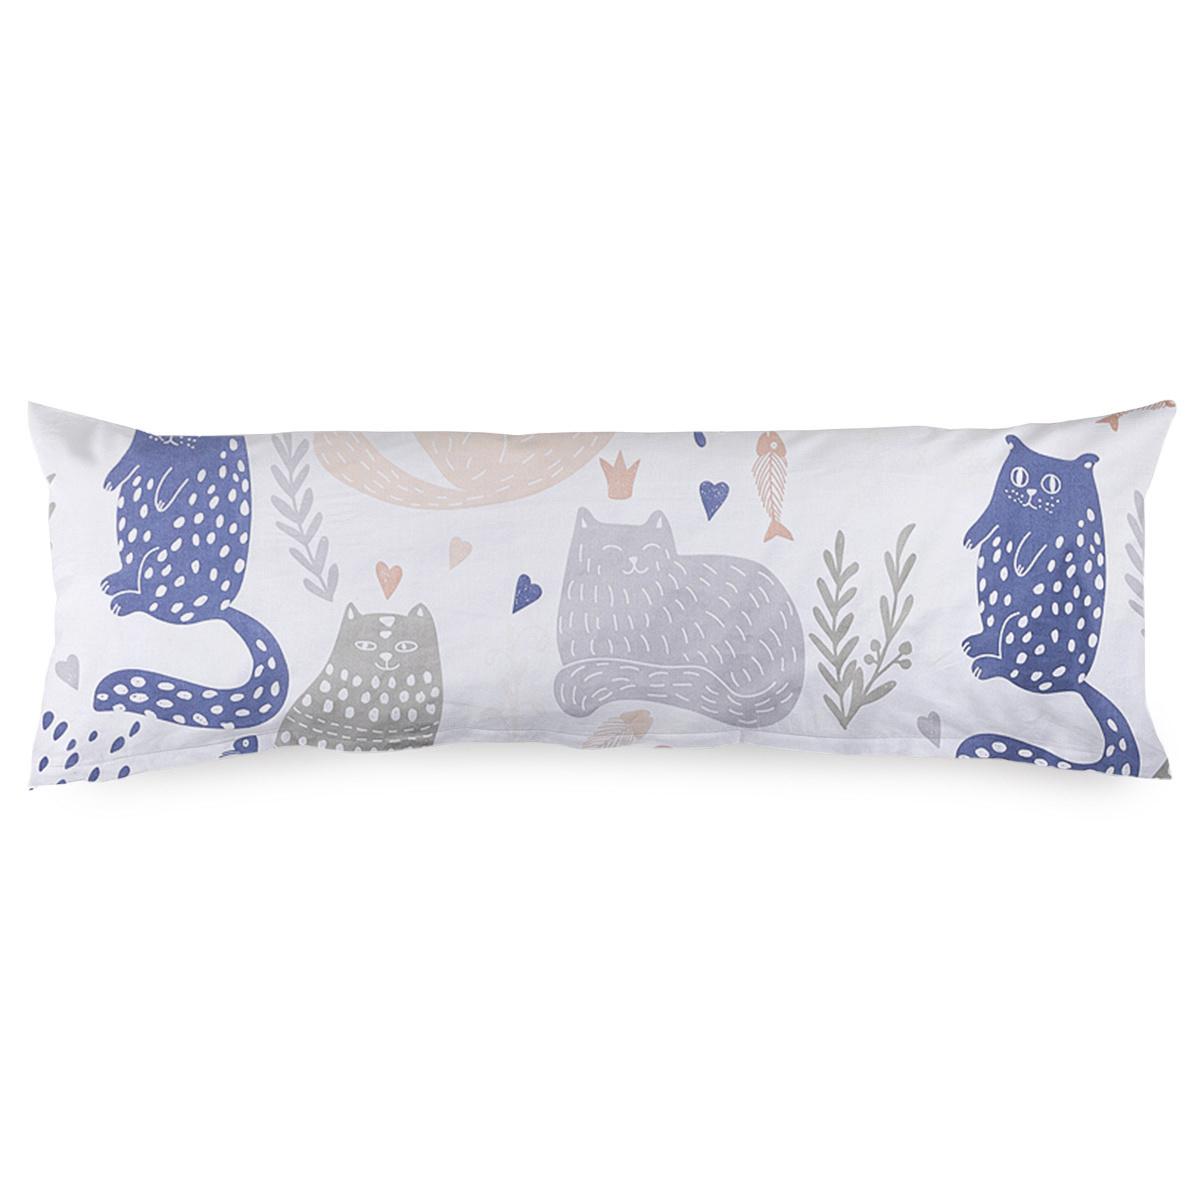 4Home Povlak na Relaxační polštář Náhradní manžel Nordic Cats, 45 x 120 cm